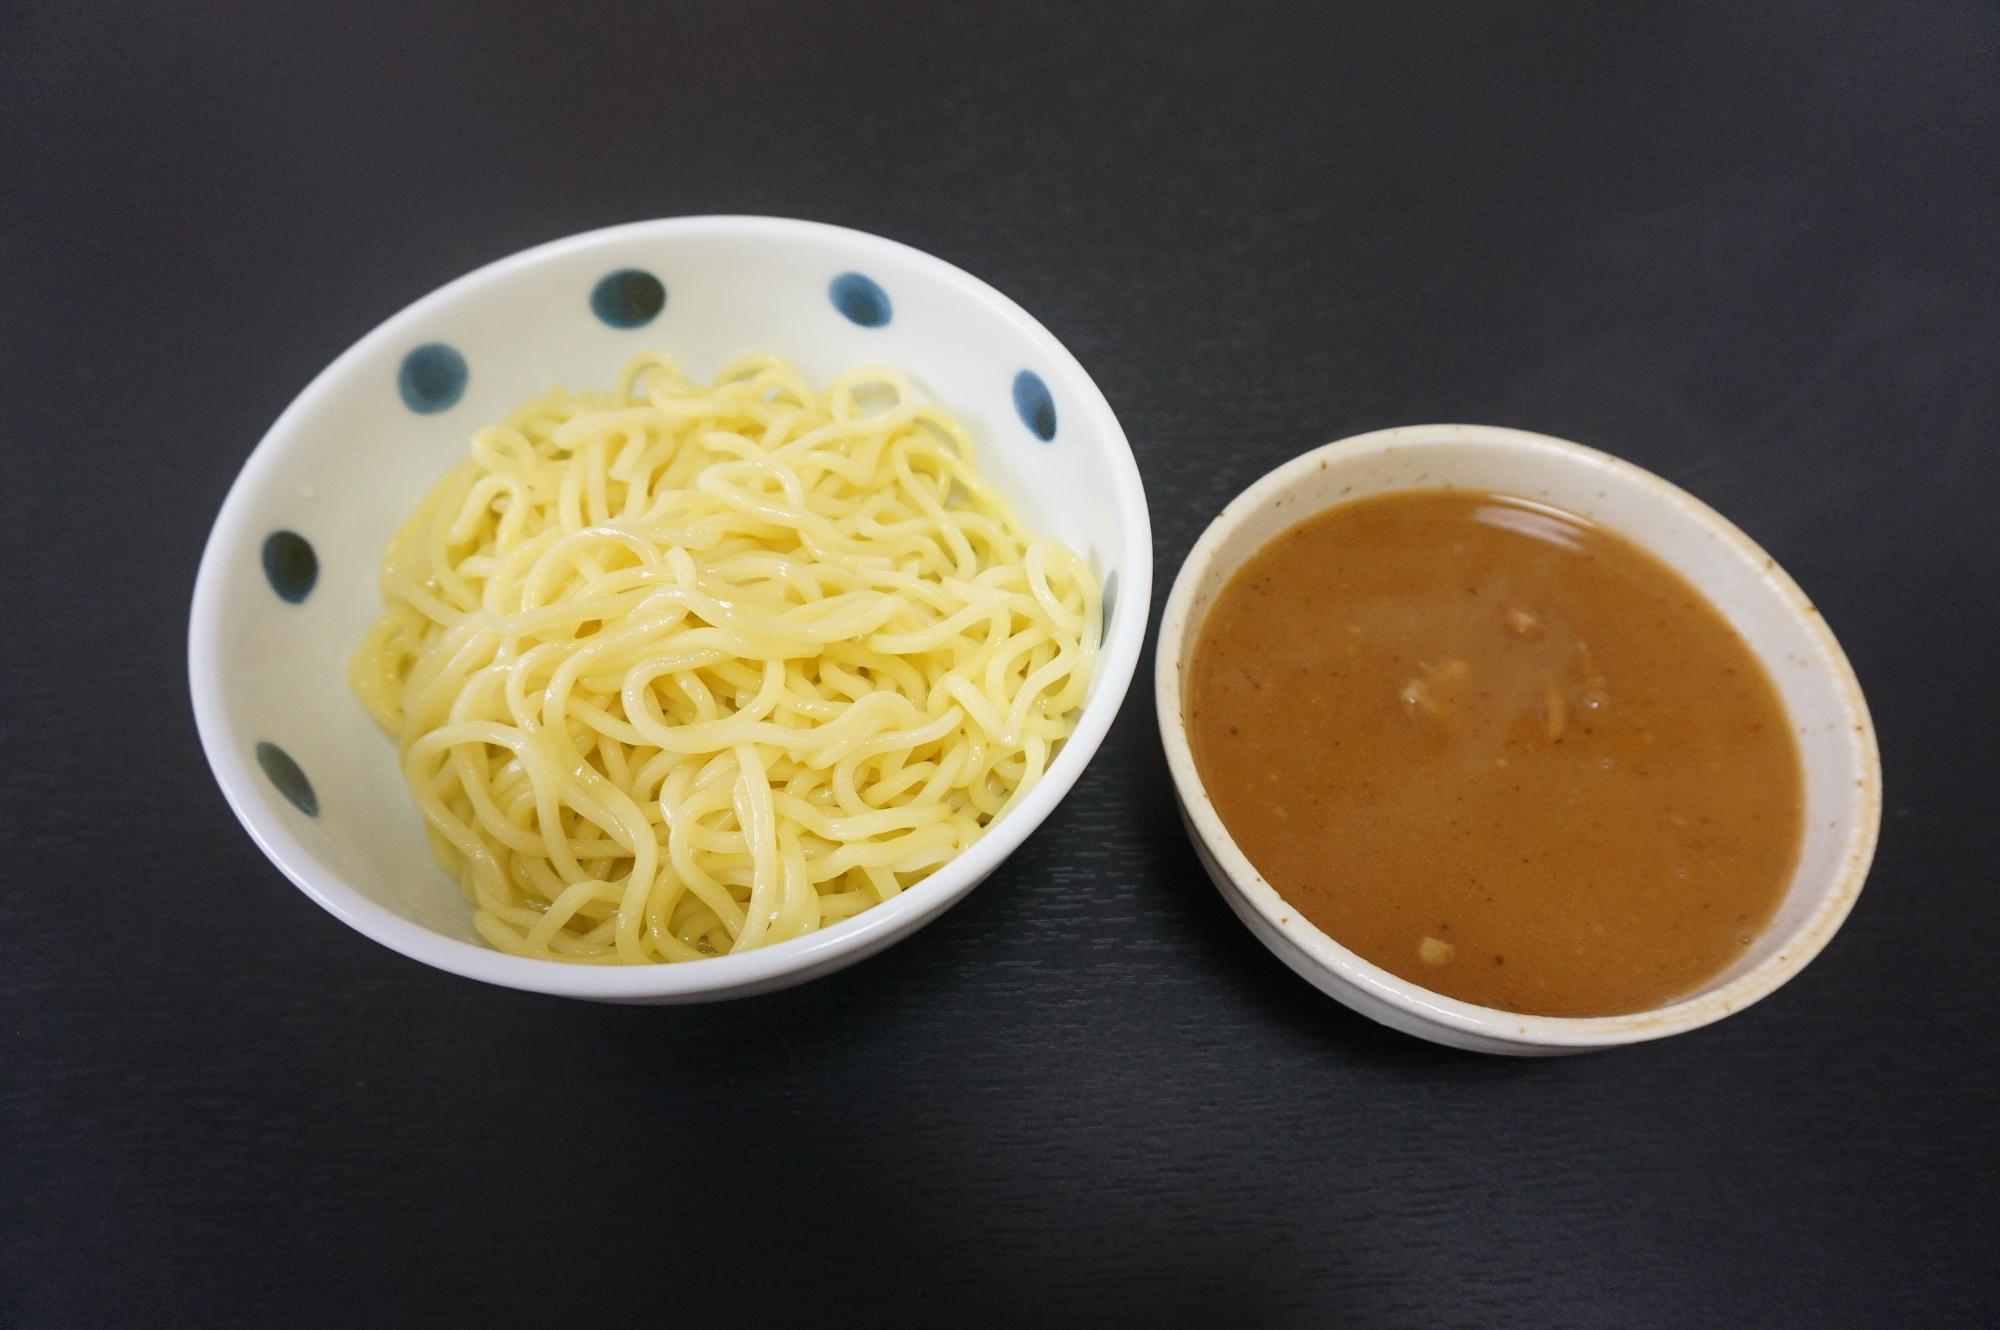 解凍後のつけ麺(250g)とスープ(チャーシュー・メンマ入り)